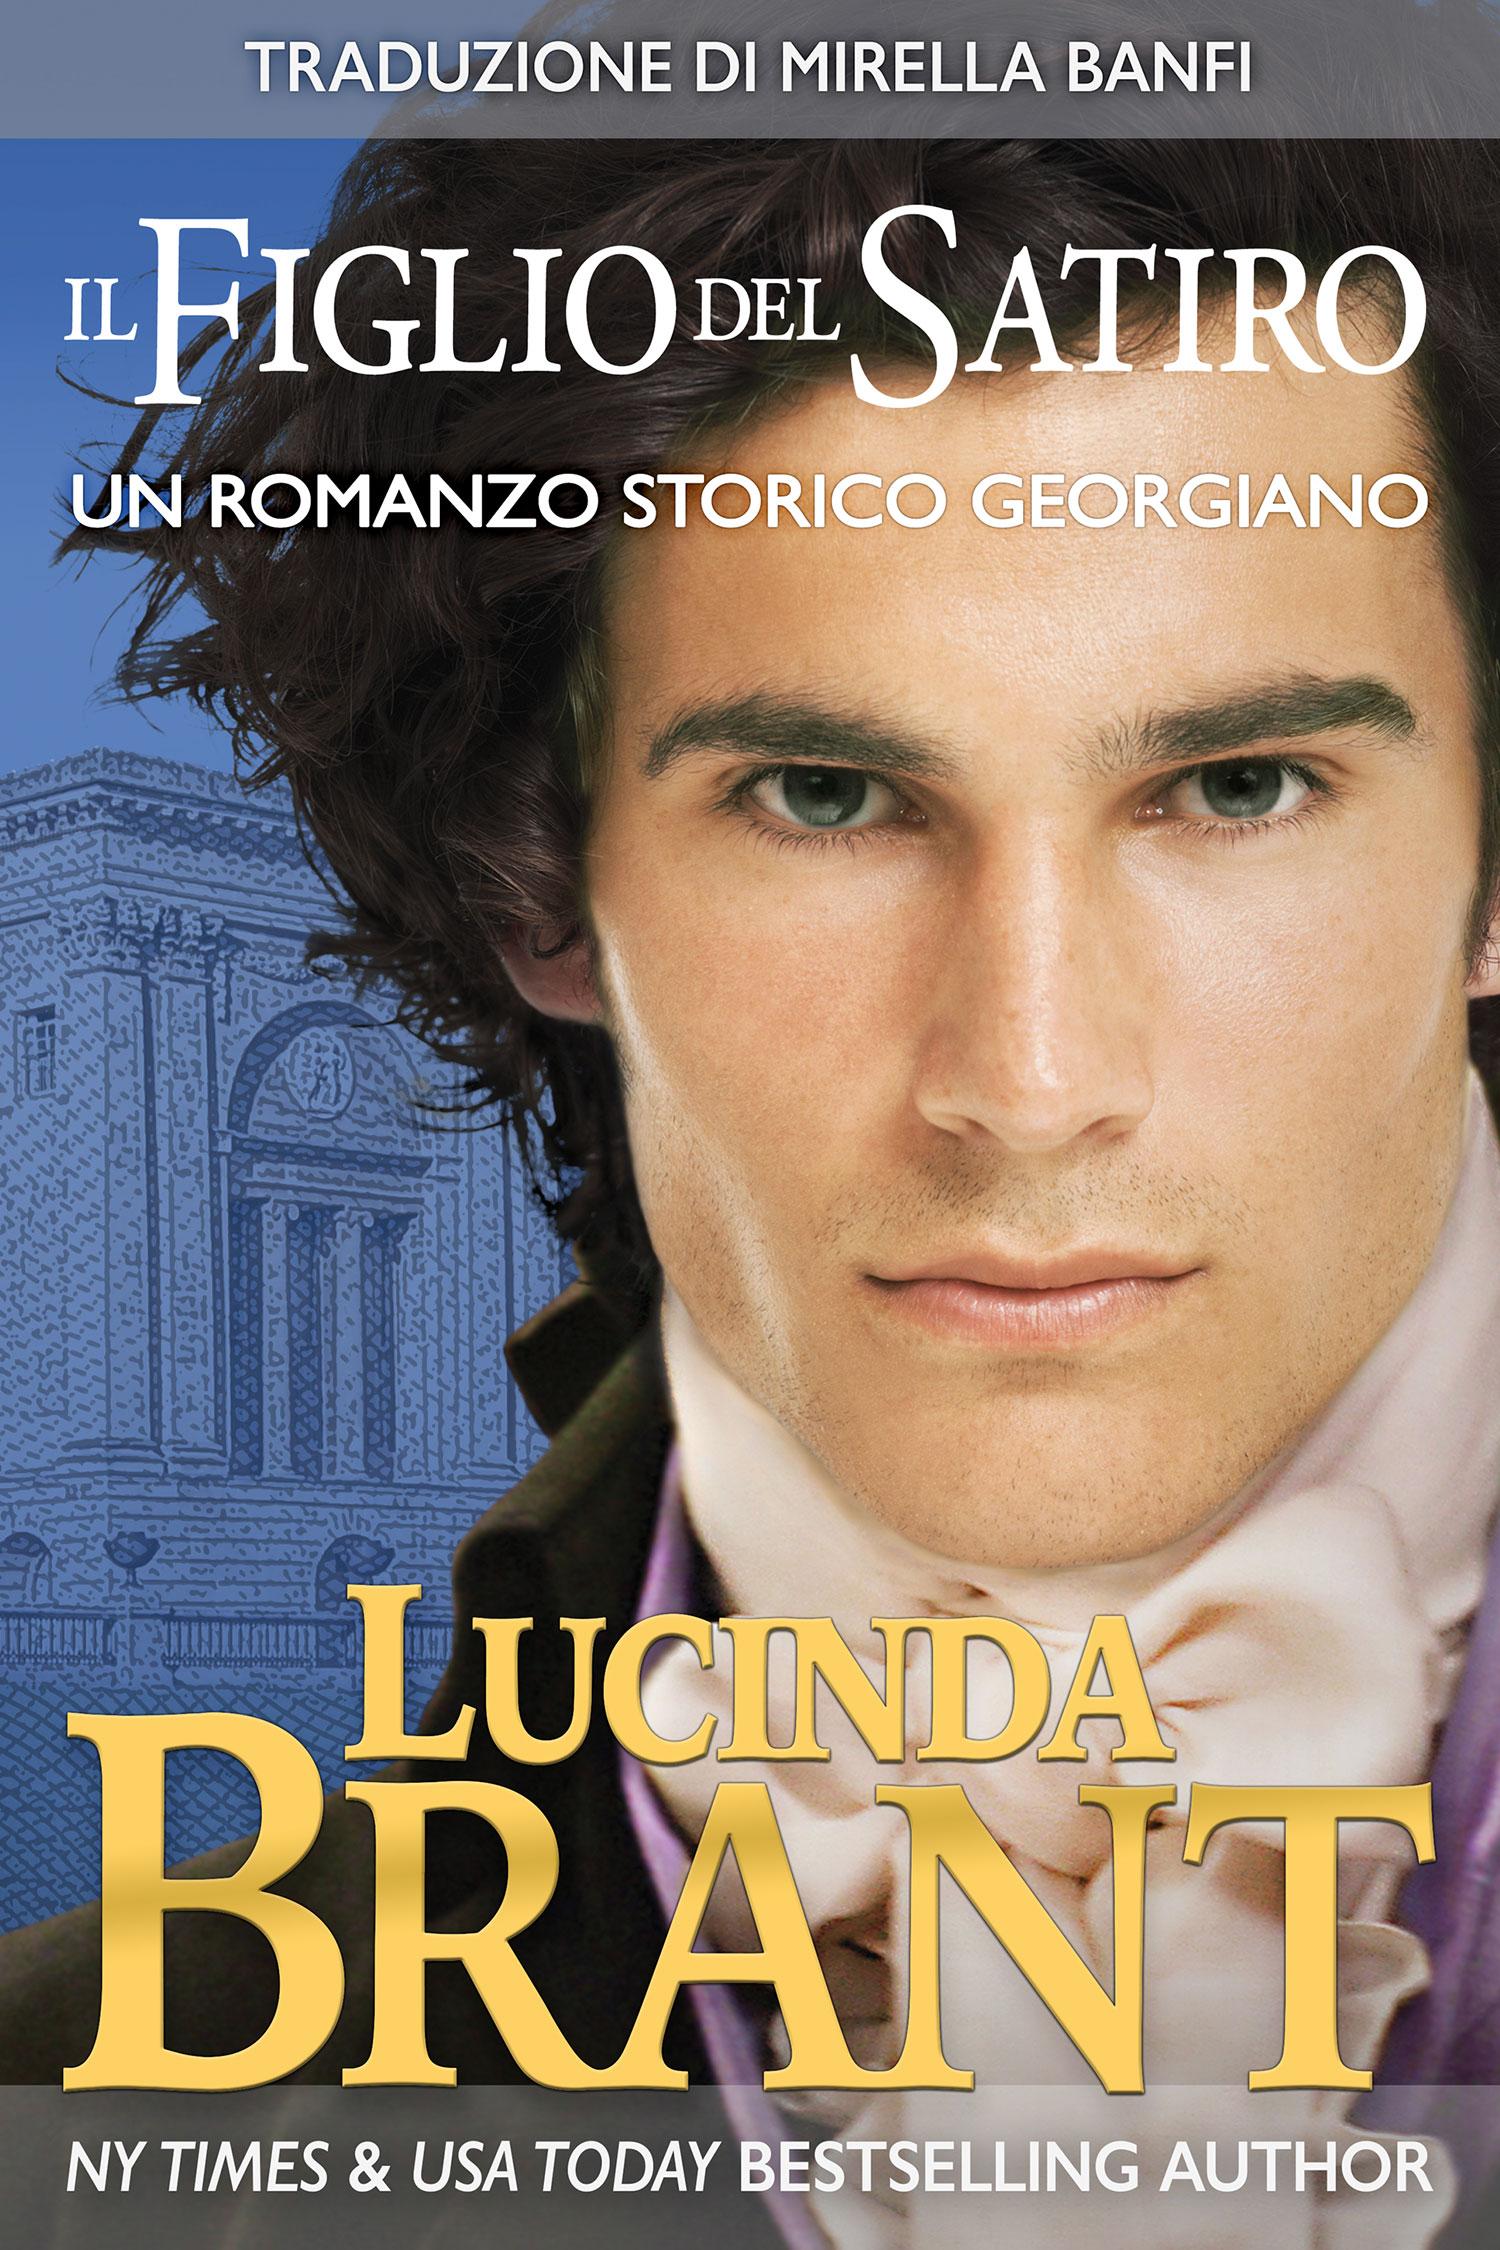 it-figlio-del-satiro-lucinda-brant-mirella-banfi-ebook.jpg